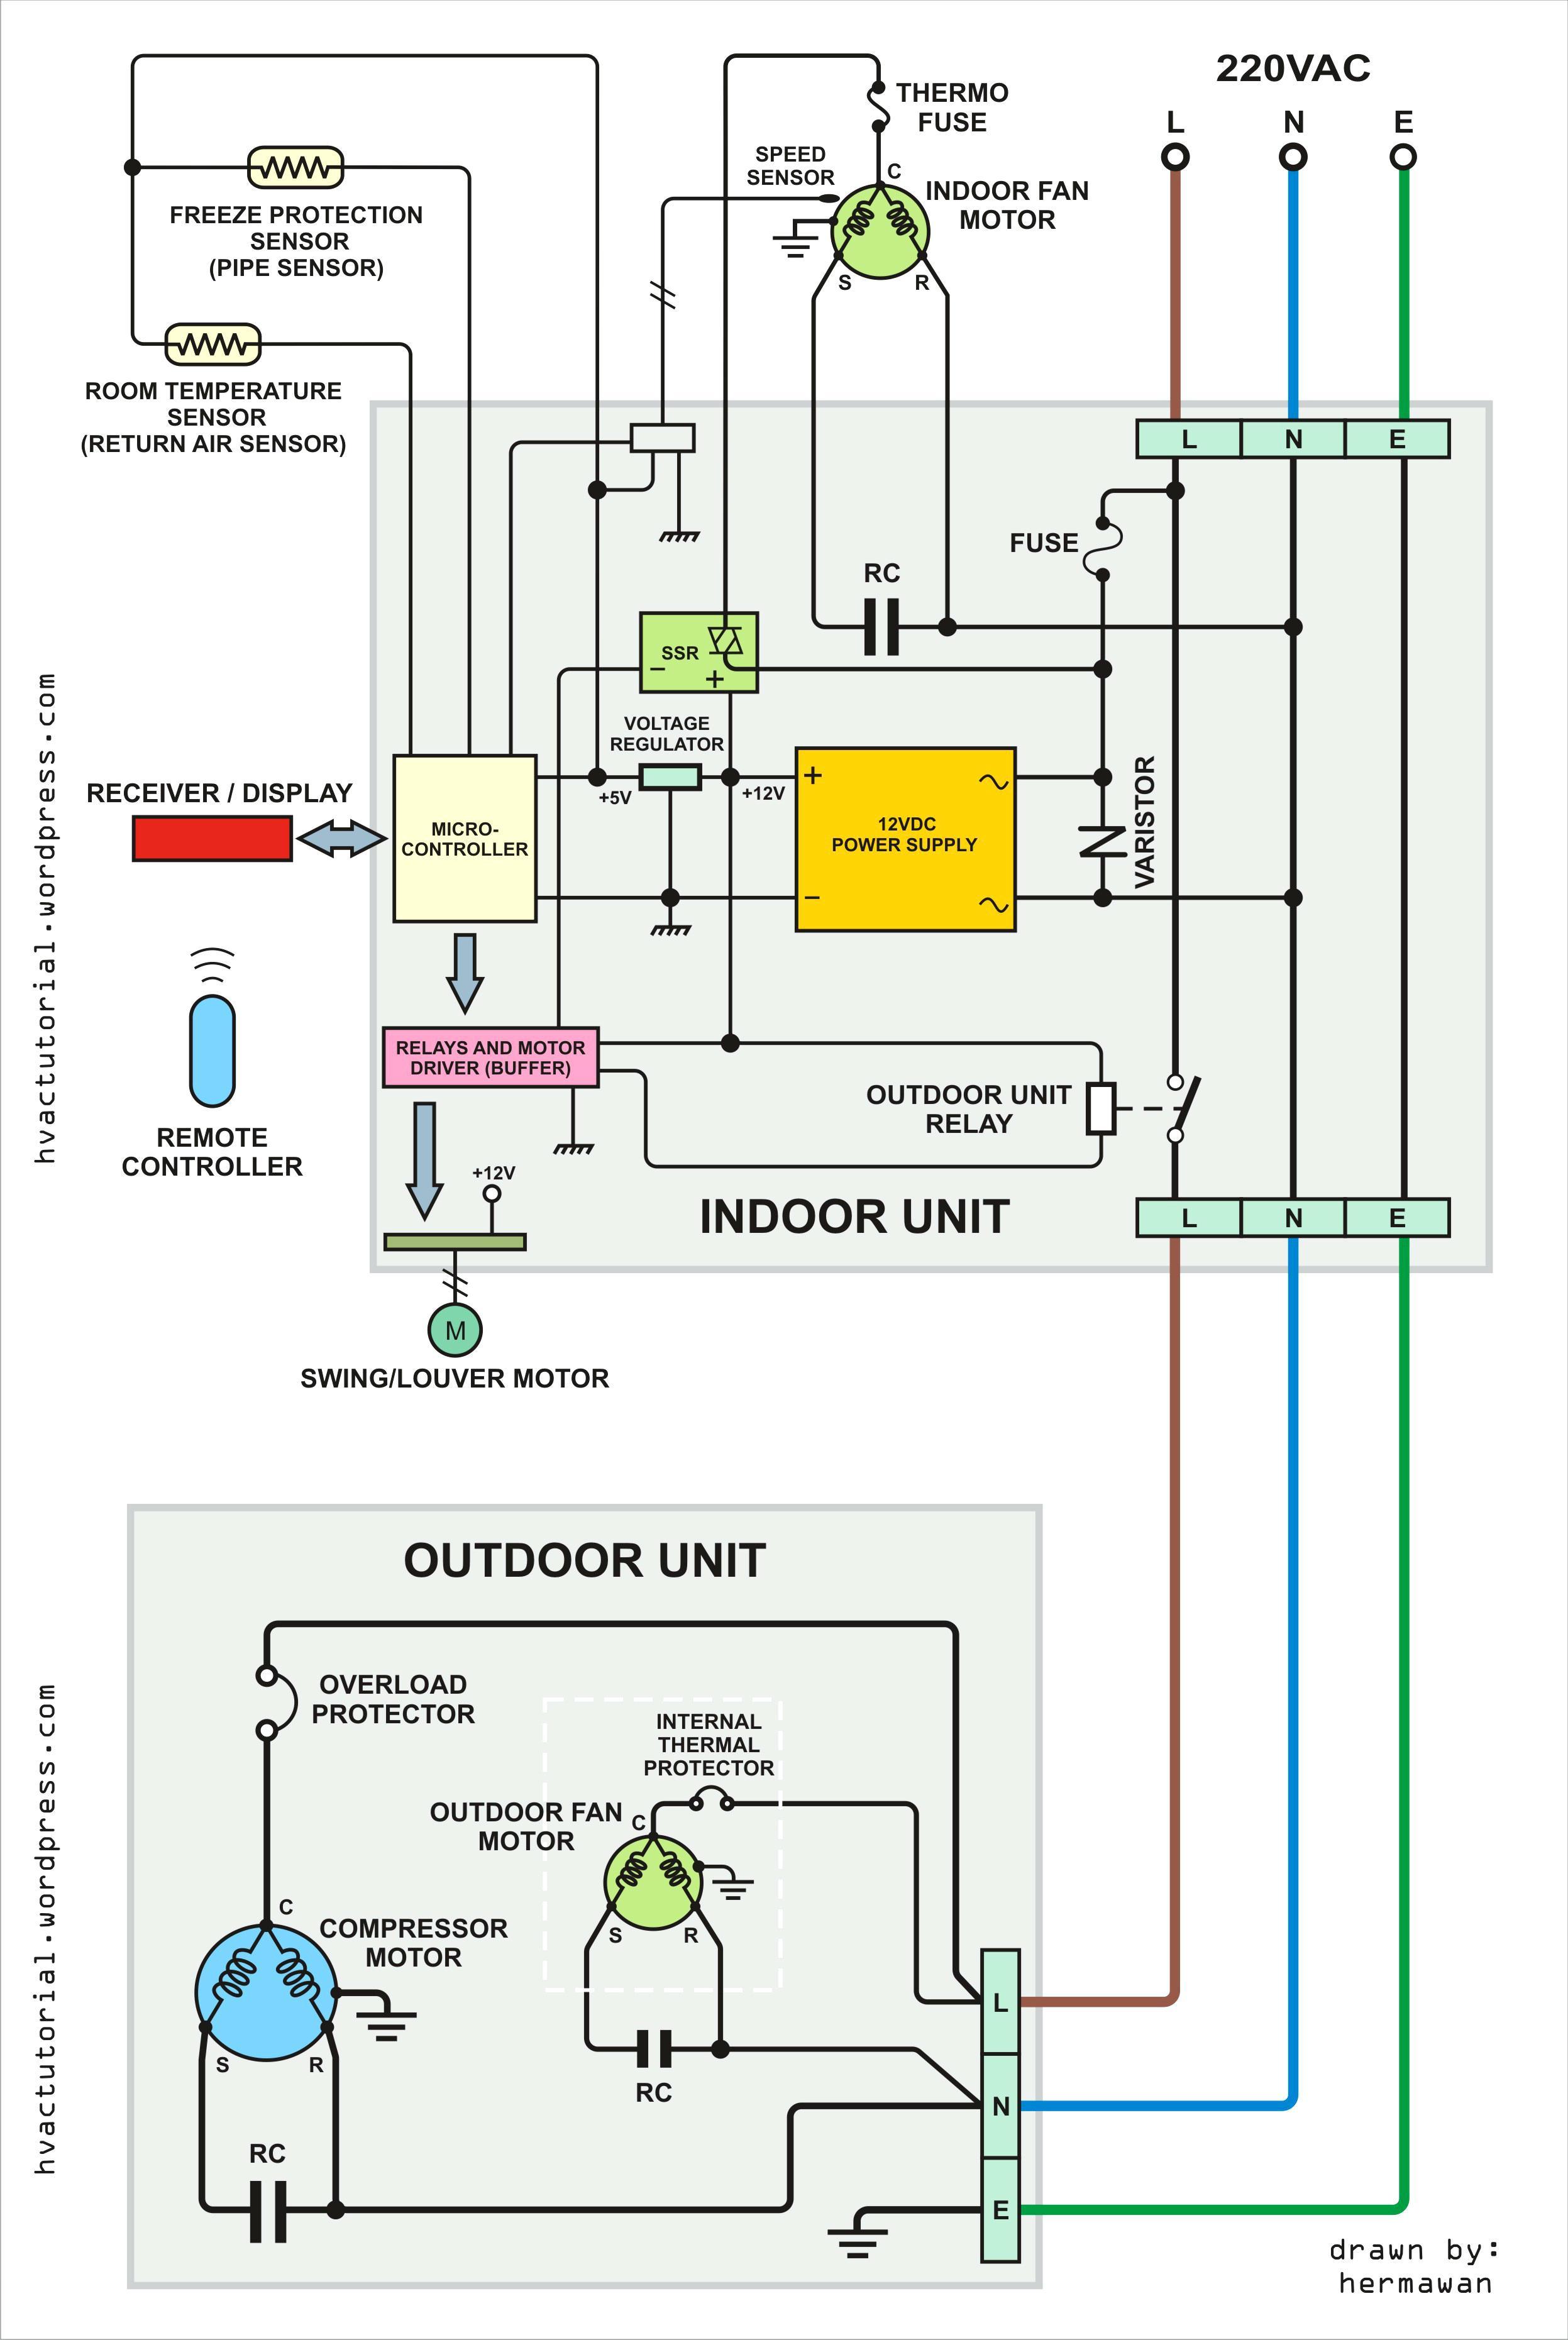 Heat Pump Fan Wiring - Schema Wiring Diagram - Heatpump Wiring Diagram